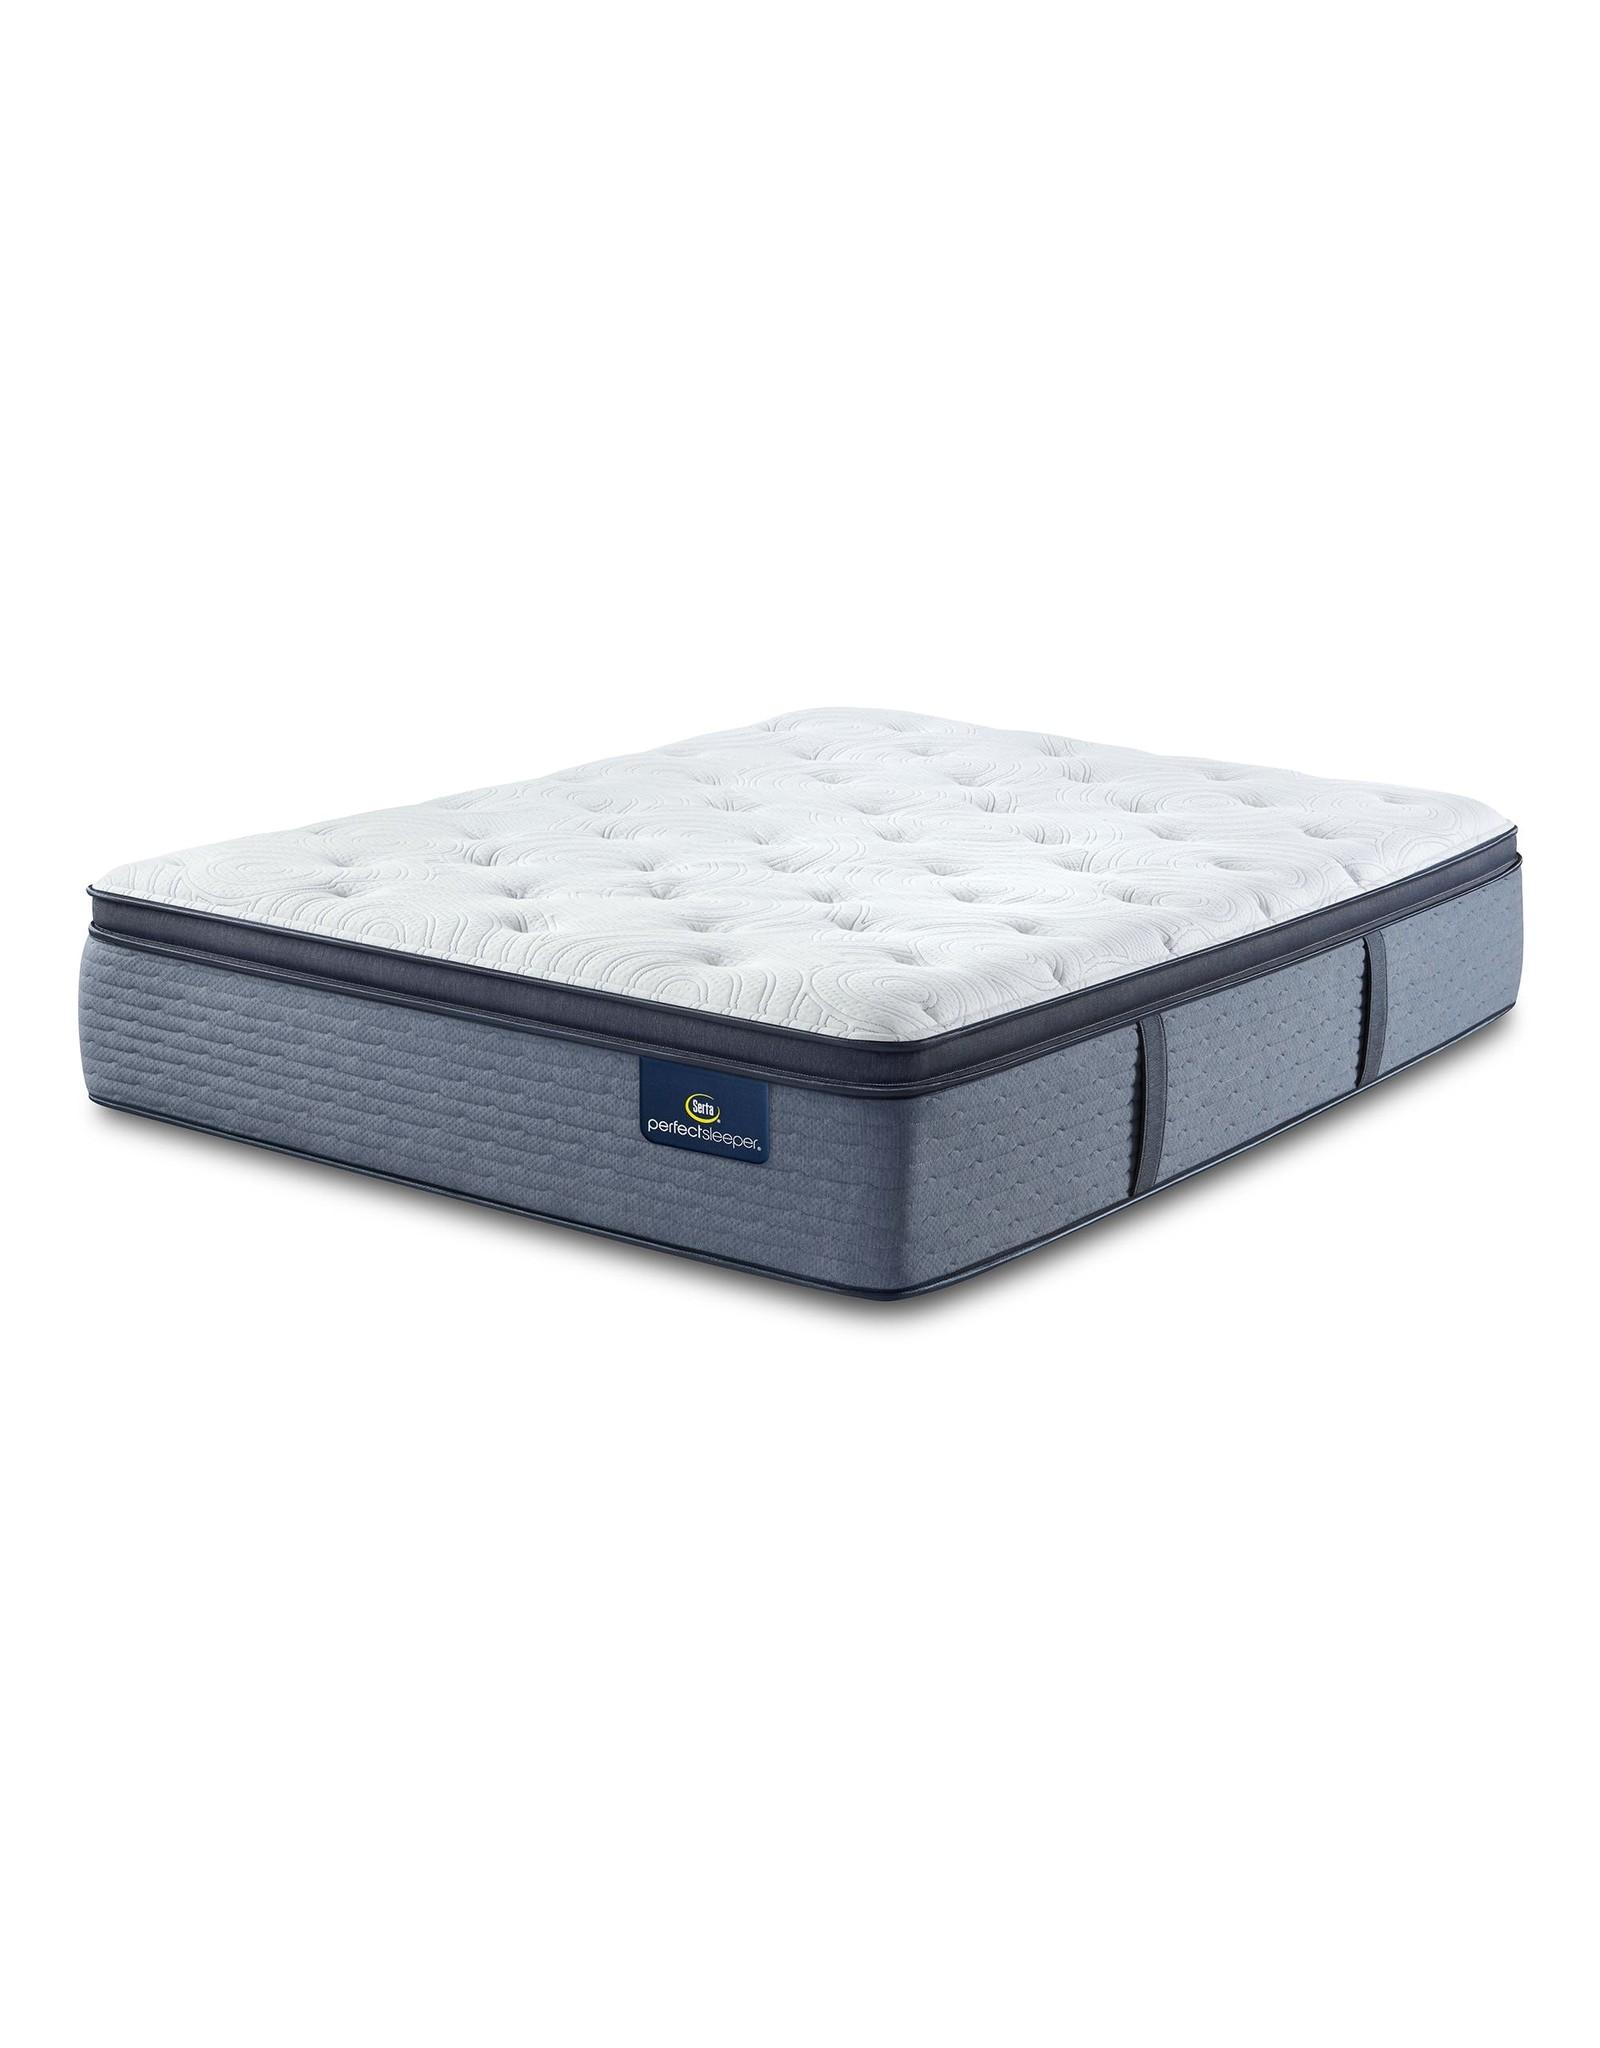 Renewed Night Renewed Night Plush Pillow Top King Mattress